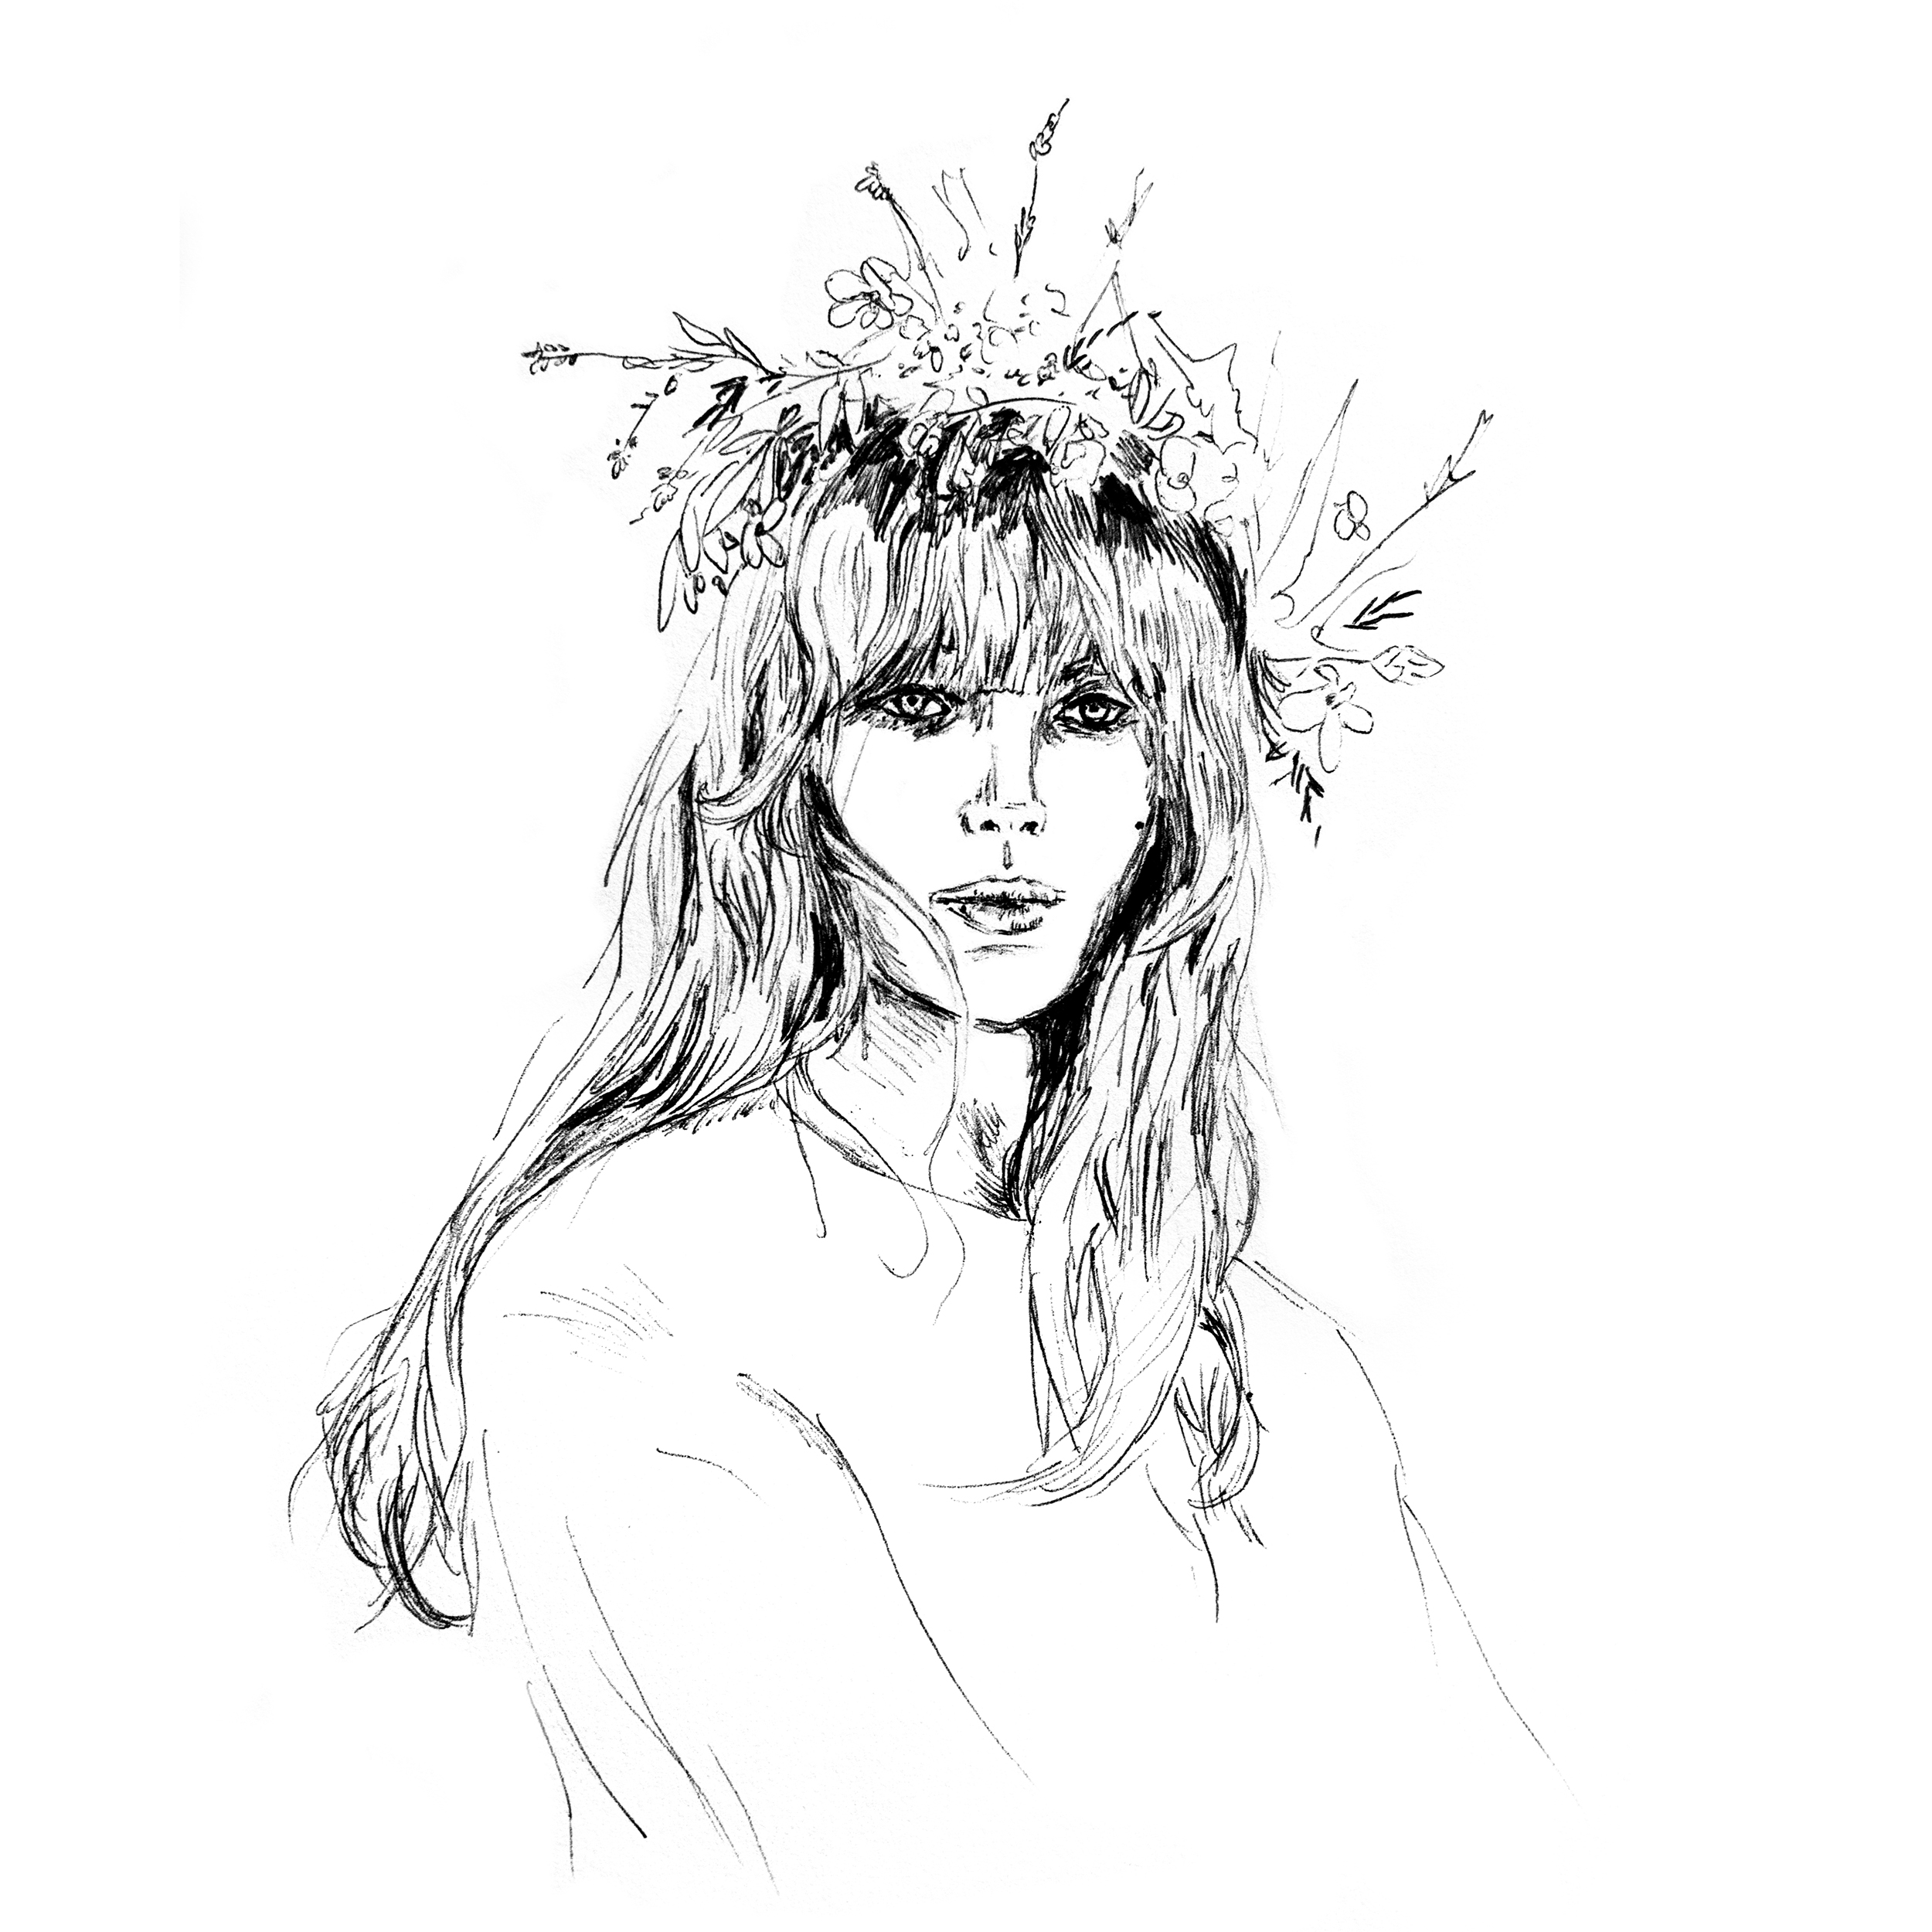 Girl flower hair 2.jpg